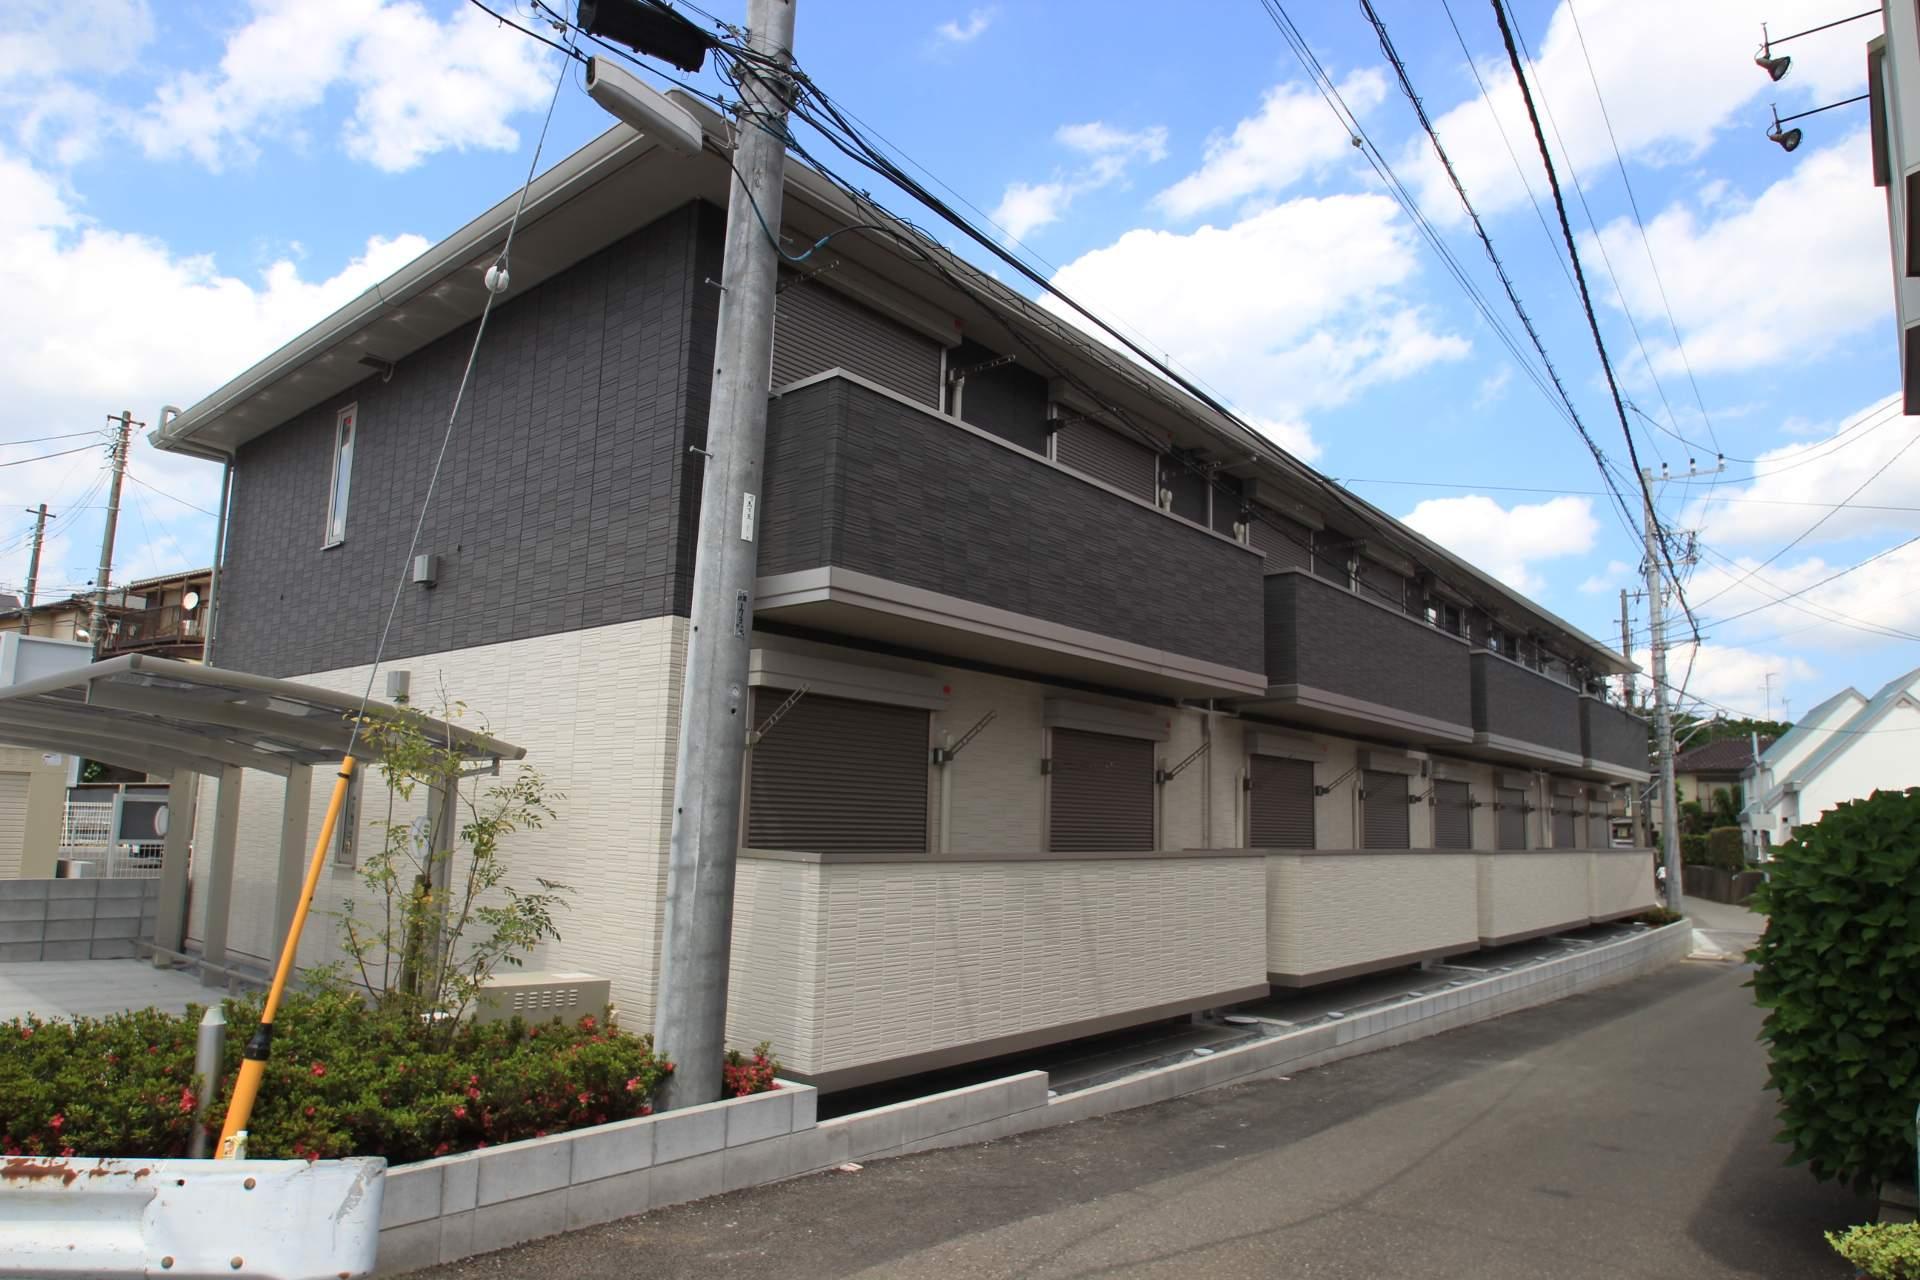 千葉県鎌ケ谷市、鎌ヶ谷駅徒歩29分の新築 2階建の賃貸アパート